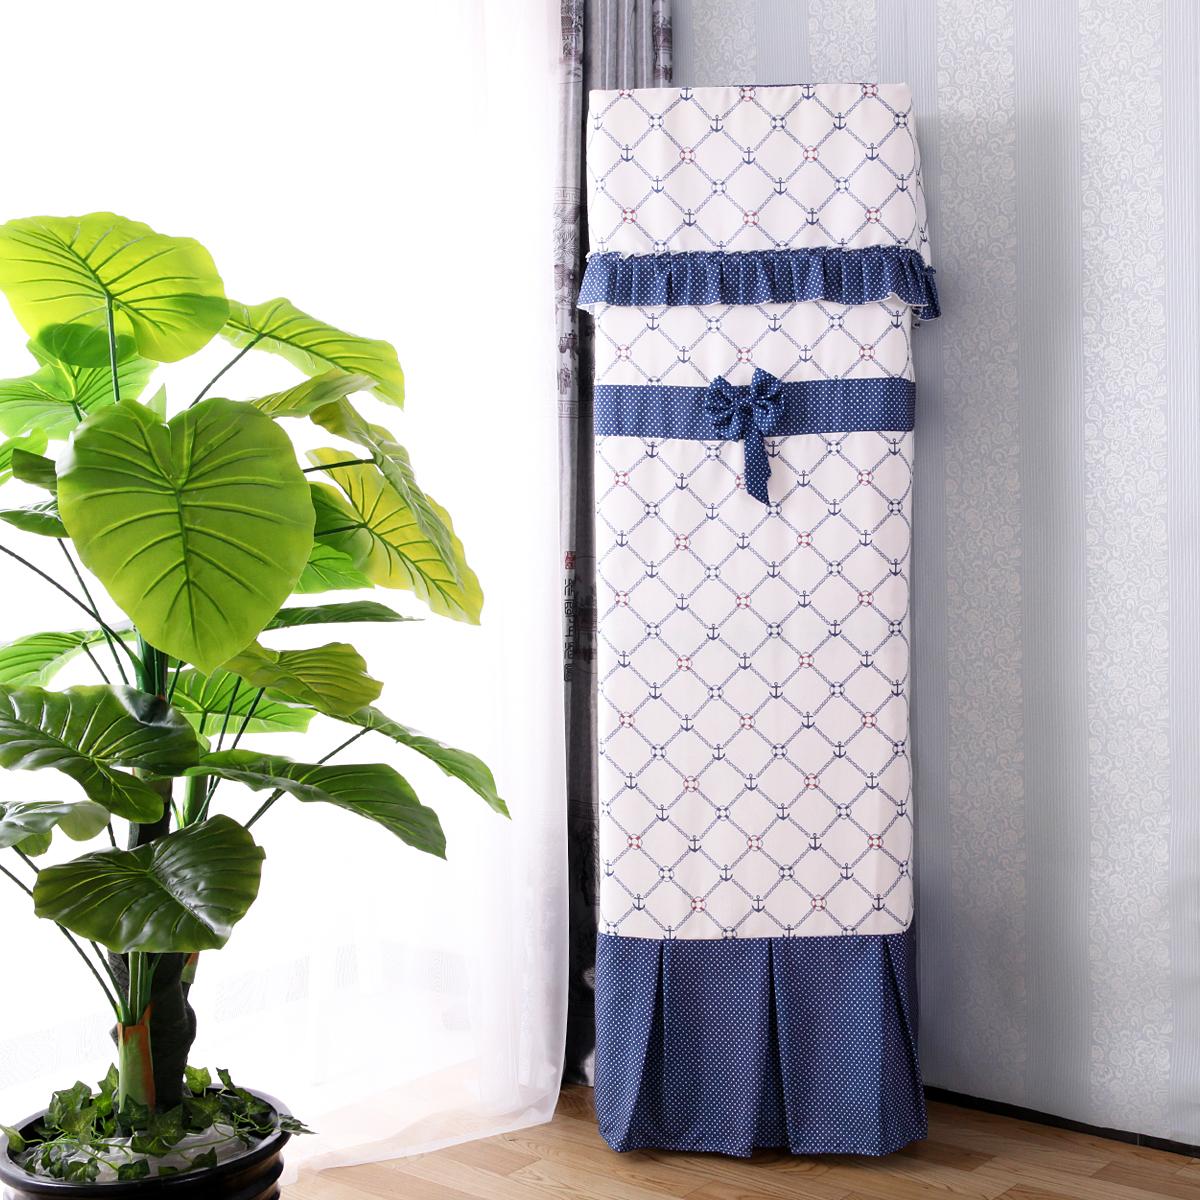 Der große 3 PS vertikale, klimaanlage, Decken 2 PS GREE - koreanische pastorale tuch Staub auf Kabinett Kabinett MIT klimaanlage.